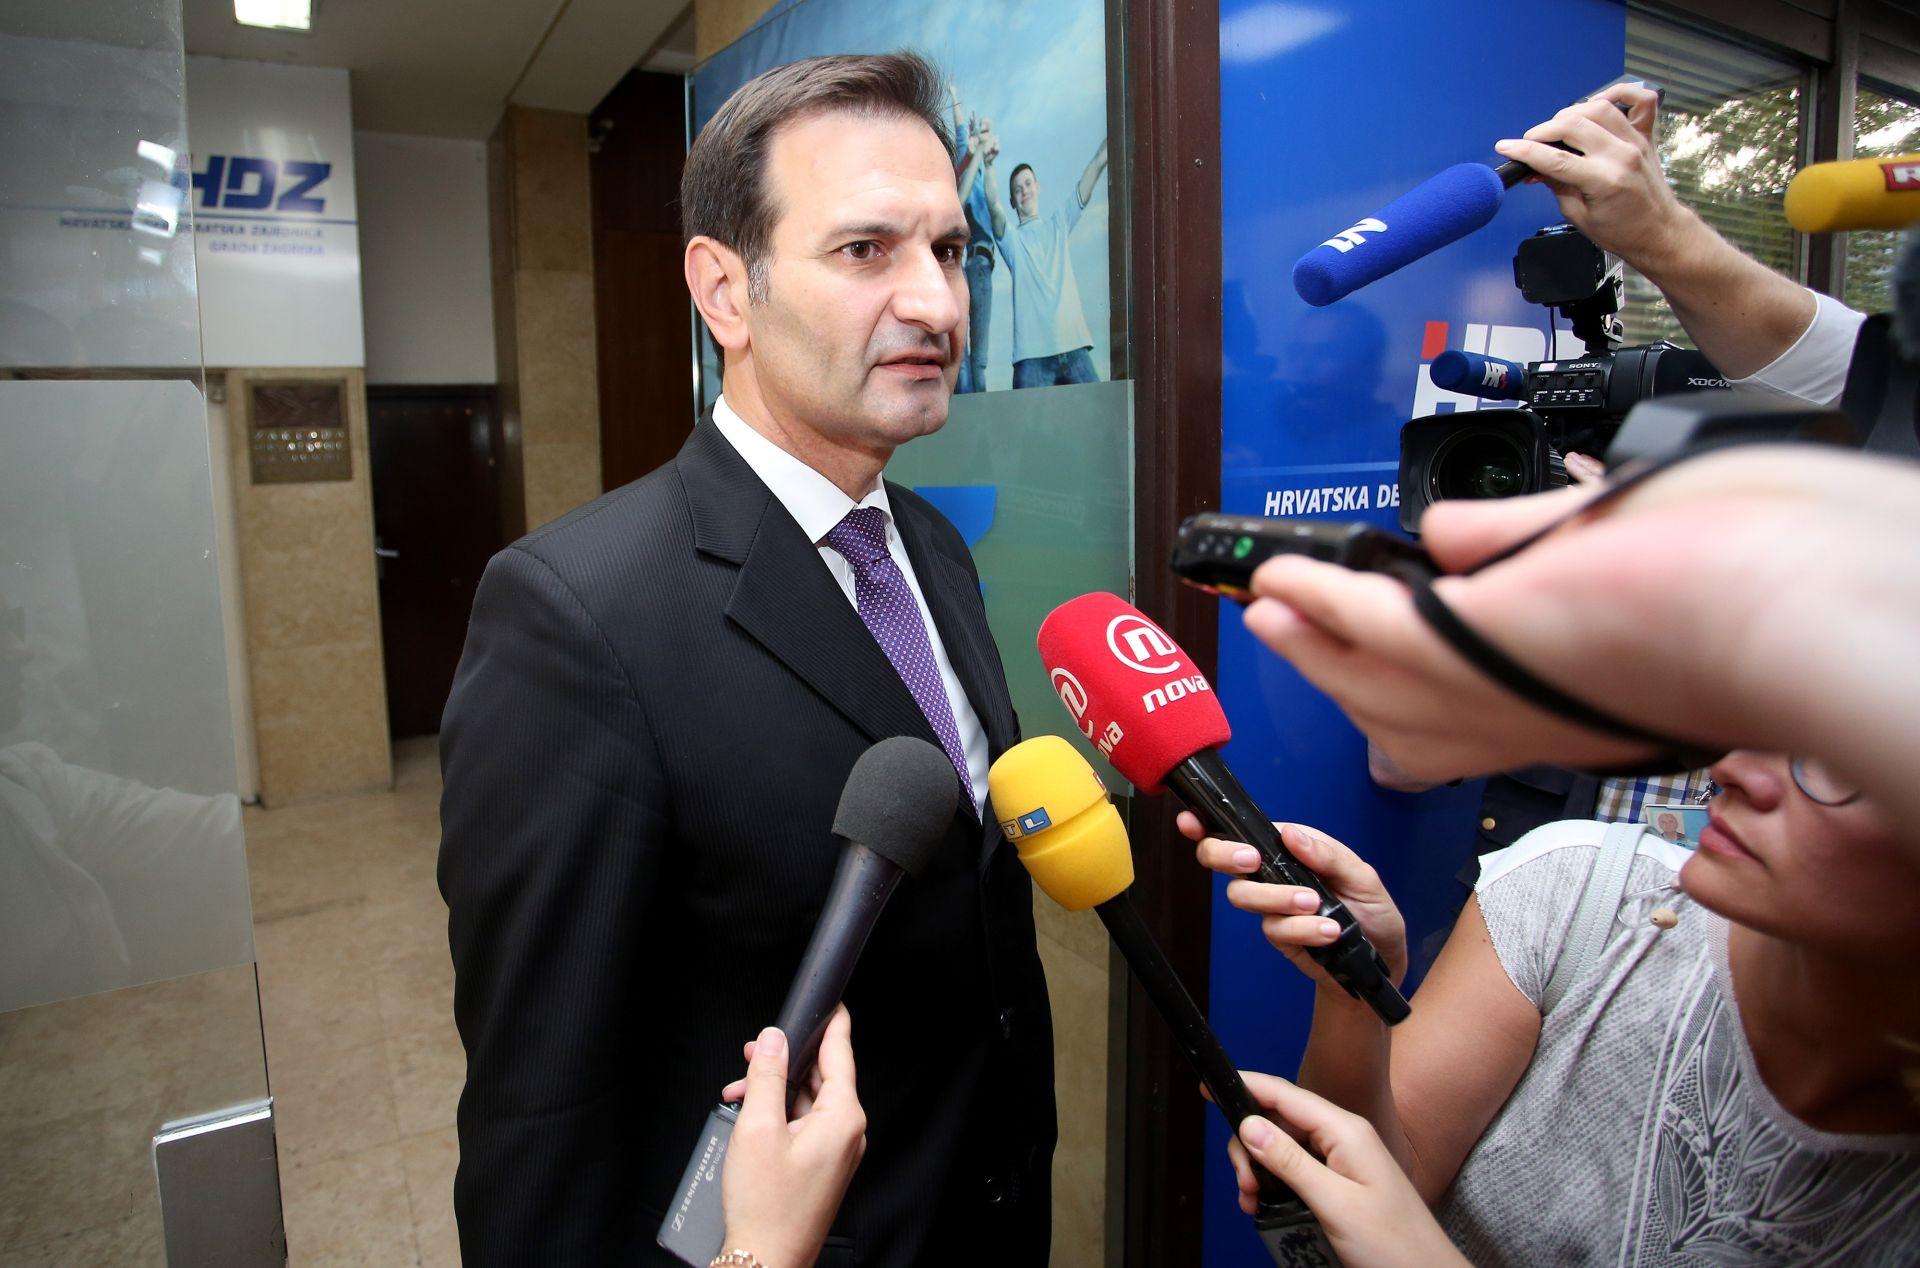 MINISTAR KOVAČ: Žao mi je što se Milanović tako ponaša kao predsjednik SDP-a